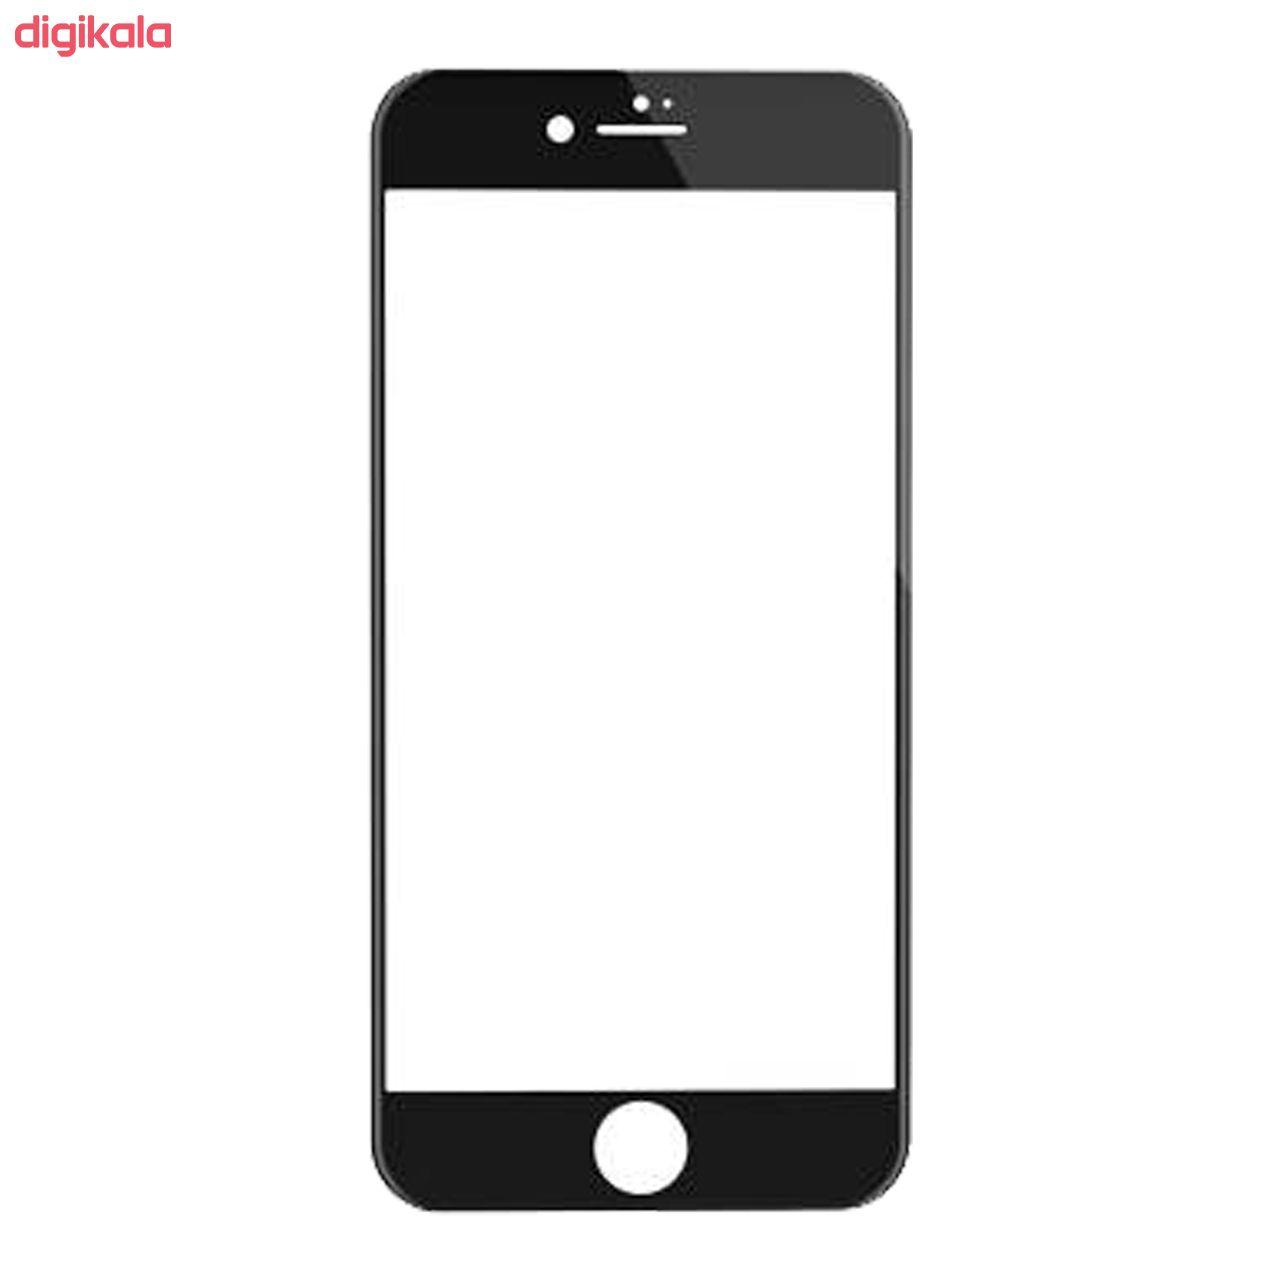 محافظ صفحه نمایش مدل S-0 مناسب برای گوشی موبایل اپل iPhone 7 Plus / 8 Plus main 1 1